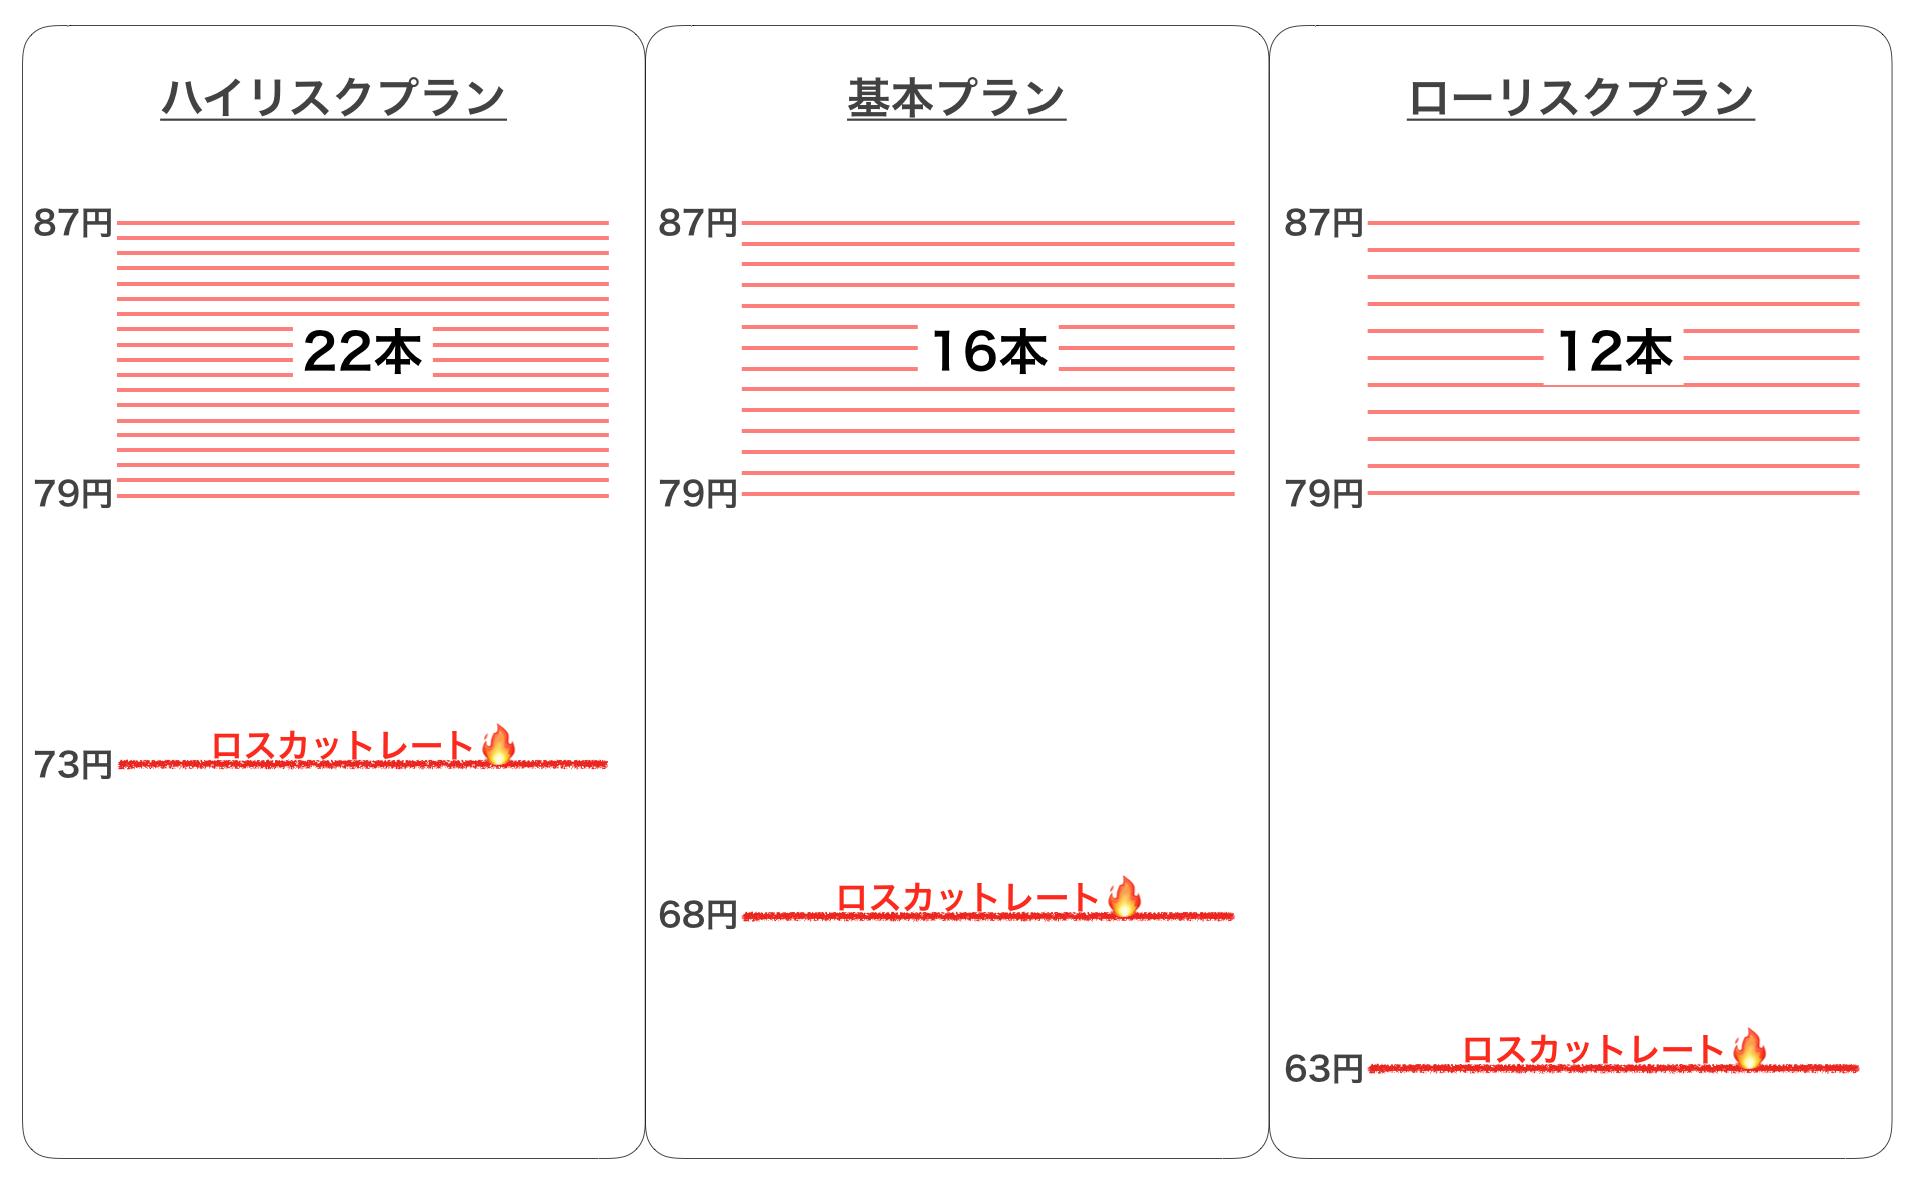 トラリピ設定の比較パターン